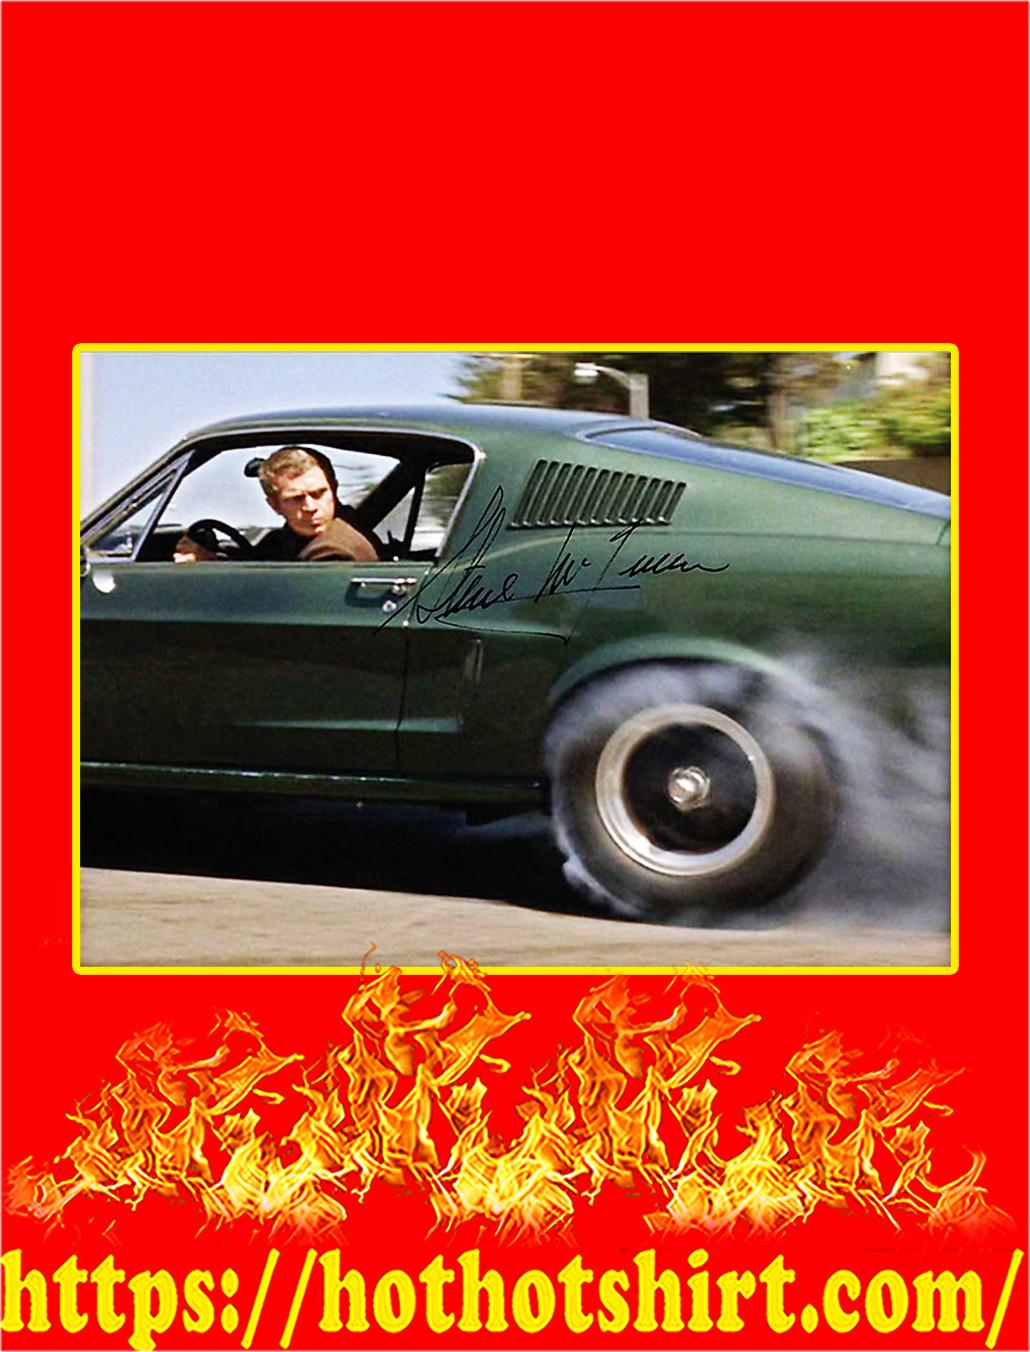 Bullitt Ford Mustang 390 GT Steve McQueen Signature Poster - A4